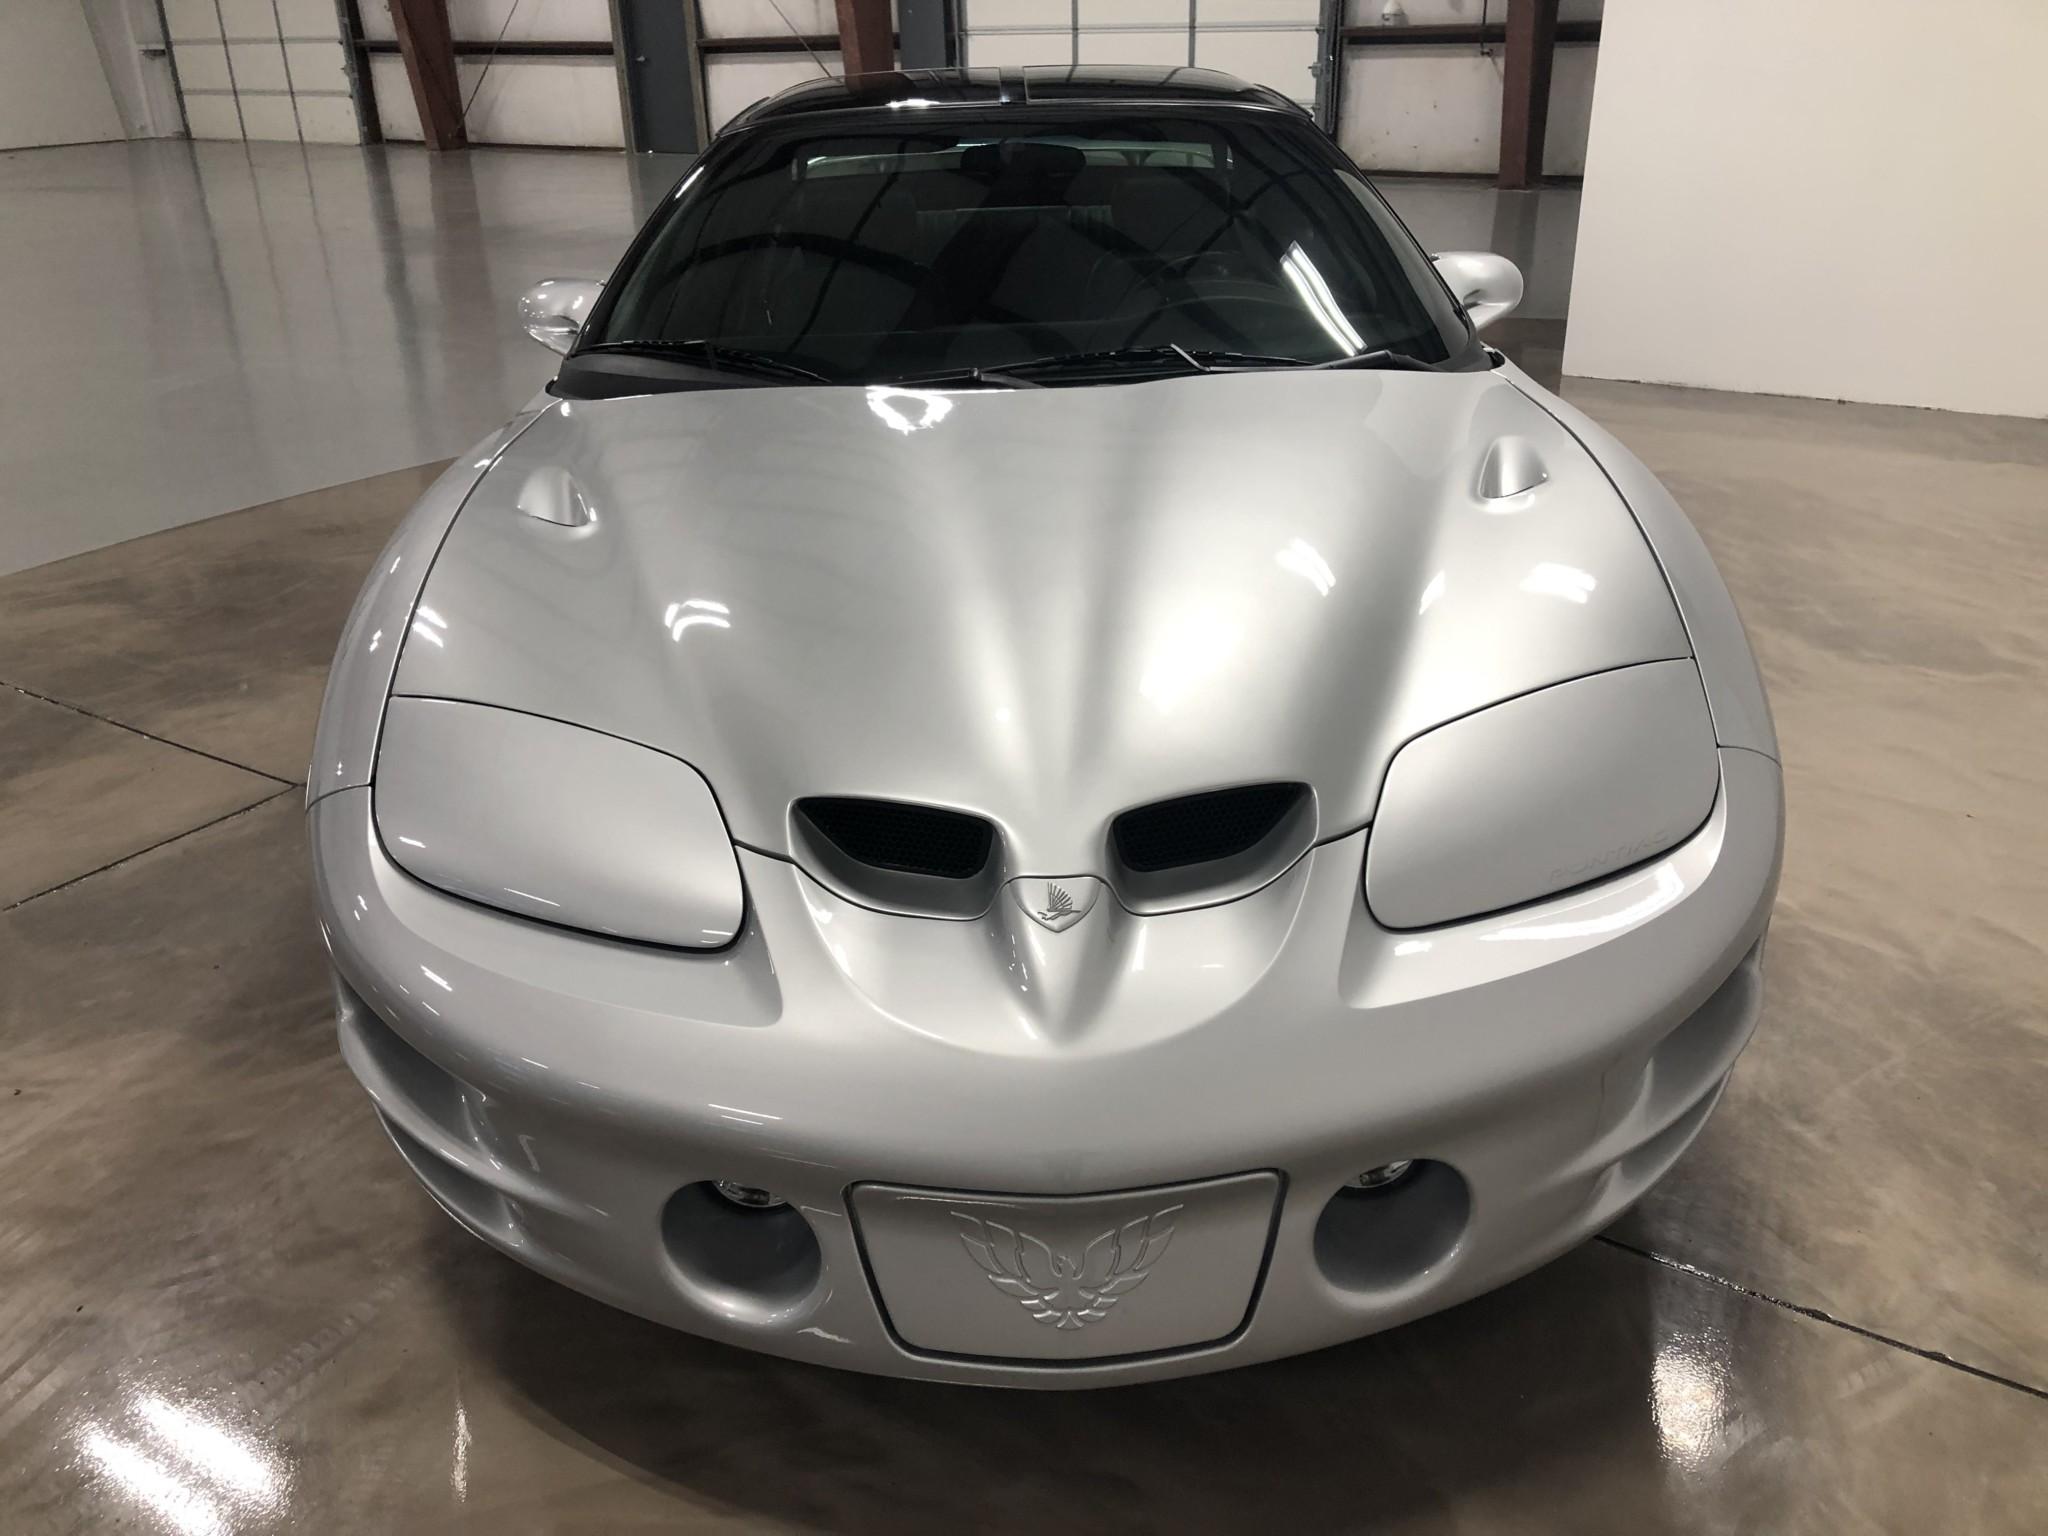 2002 Pontiac Firebird Trans Am SLP Firehawk